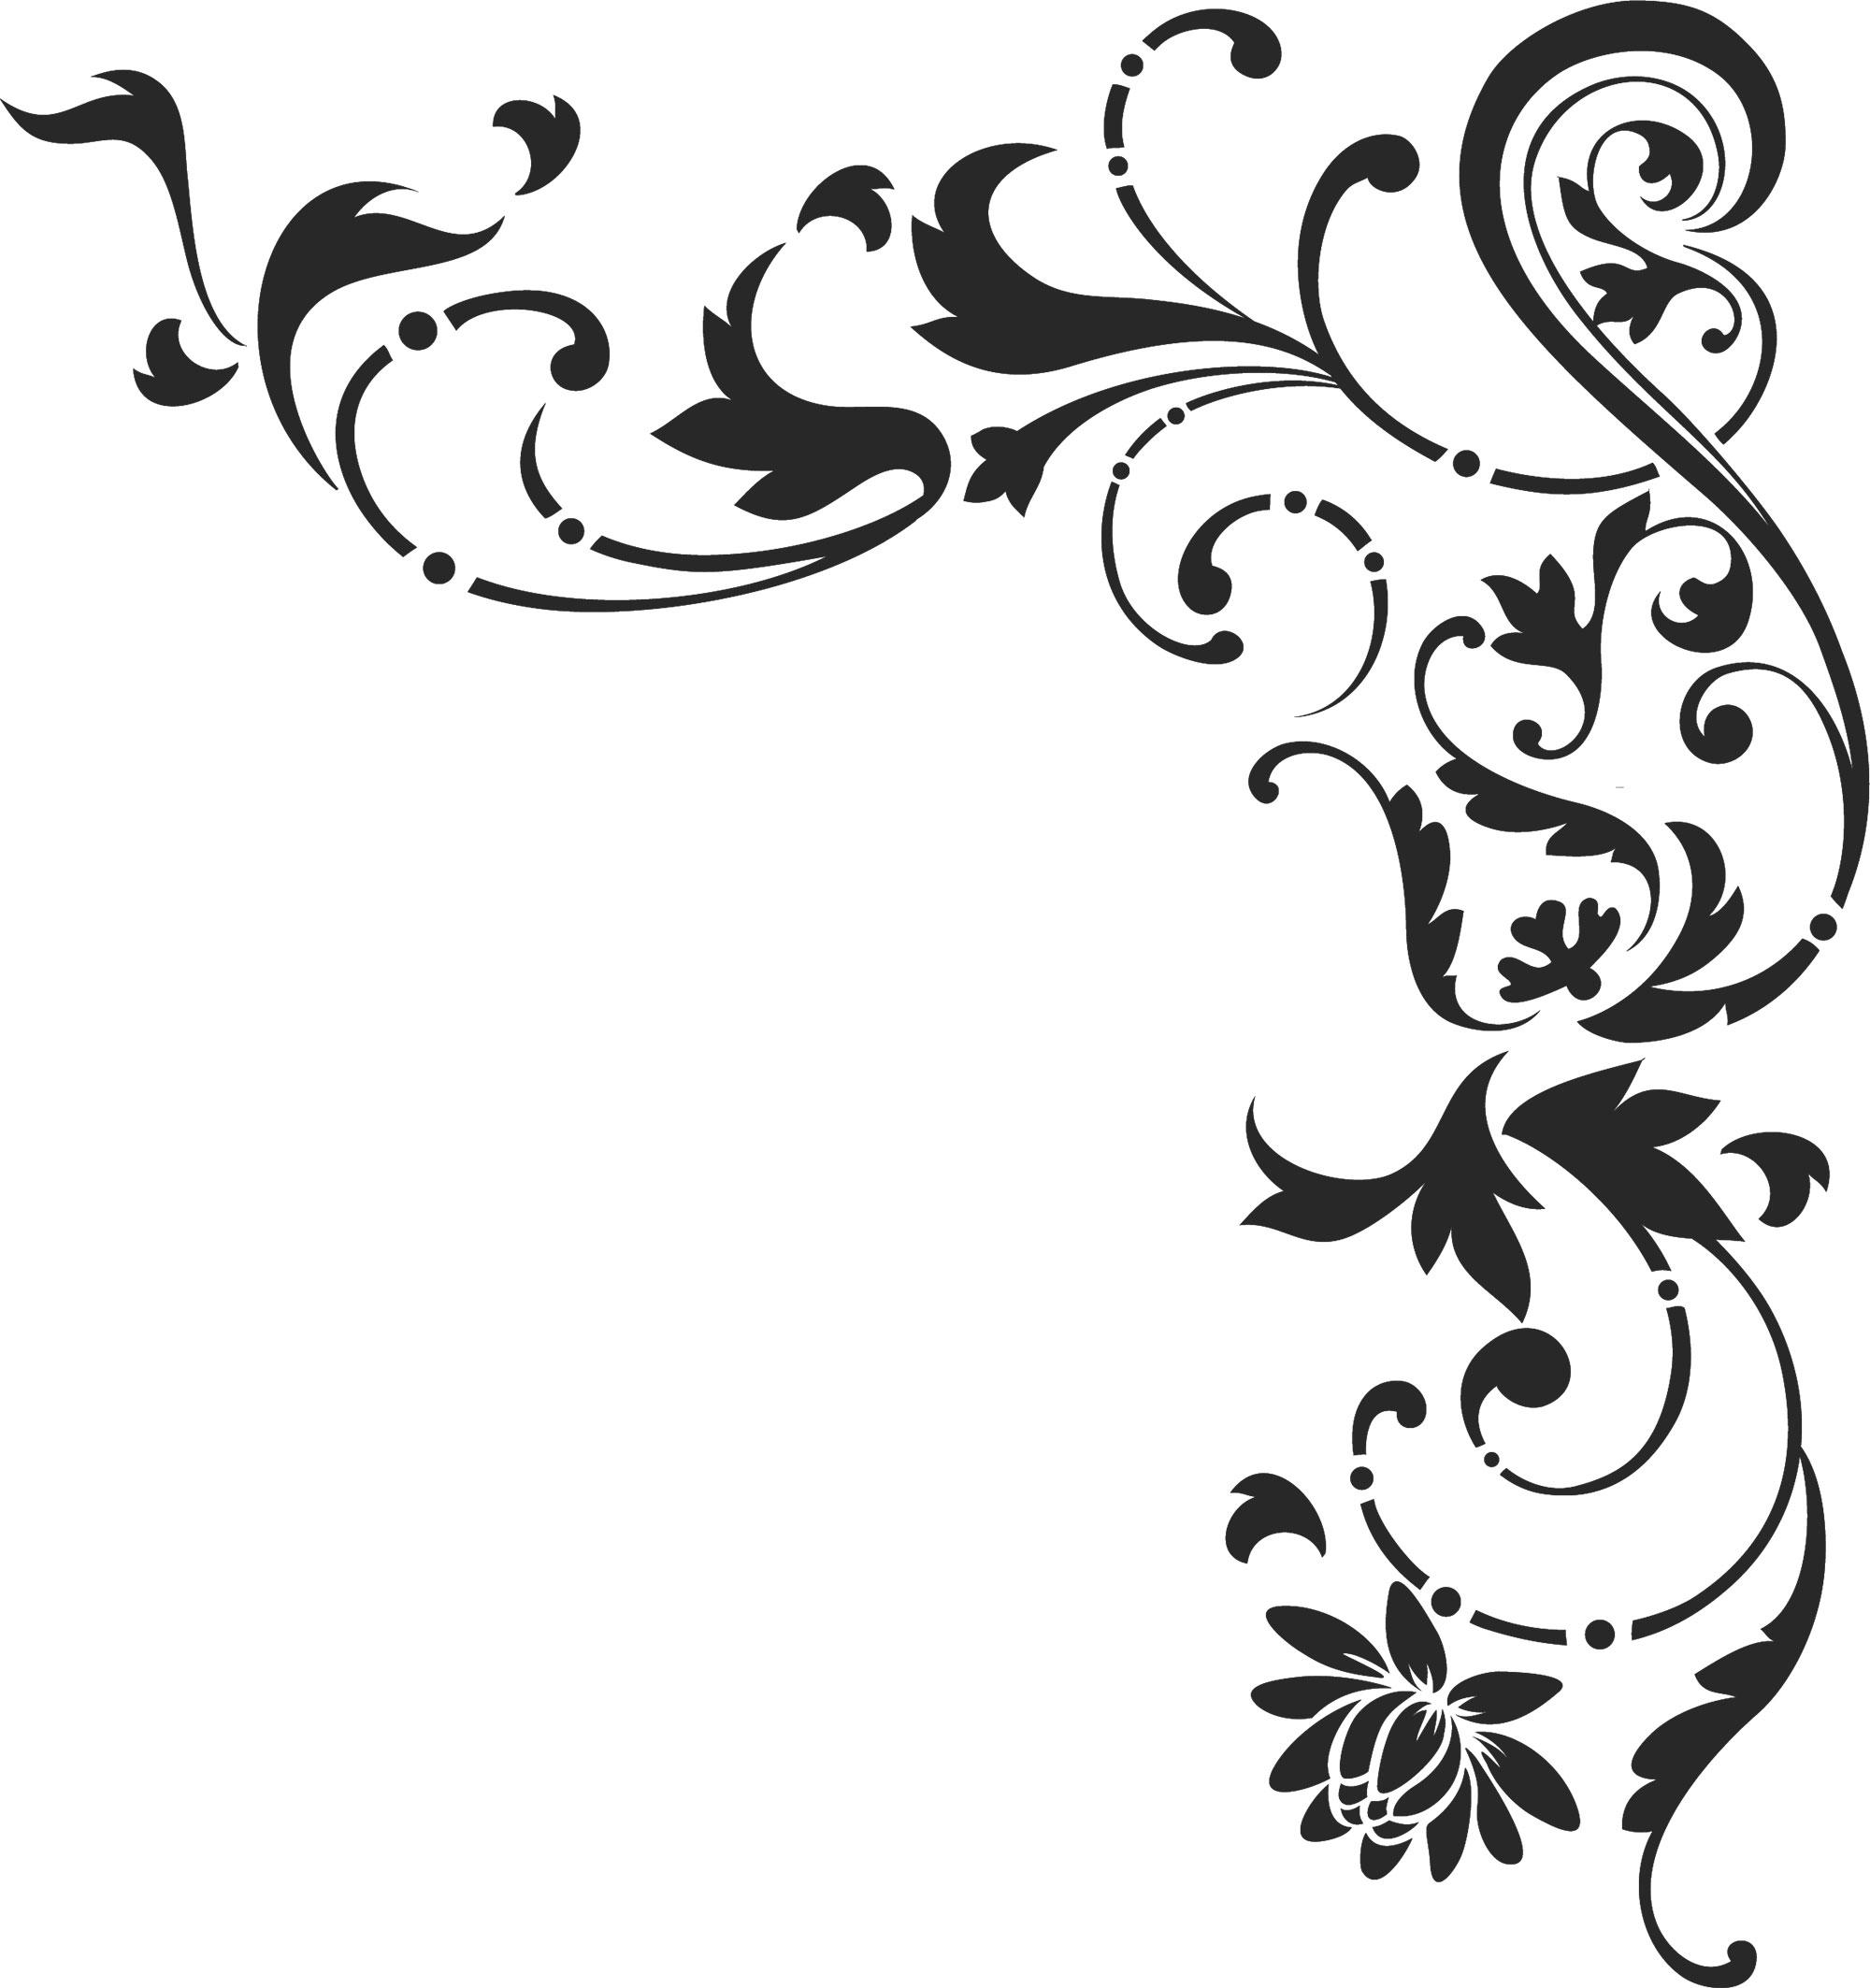 白黒・モノクロの花のイラスト・フリー素材/ライン線・コーナー用no.877